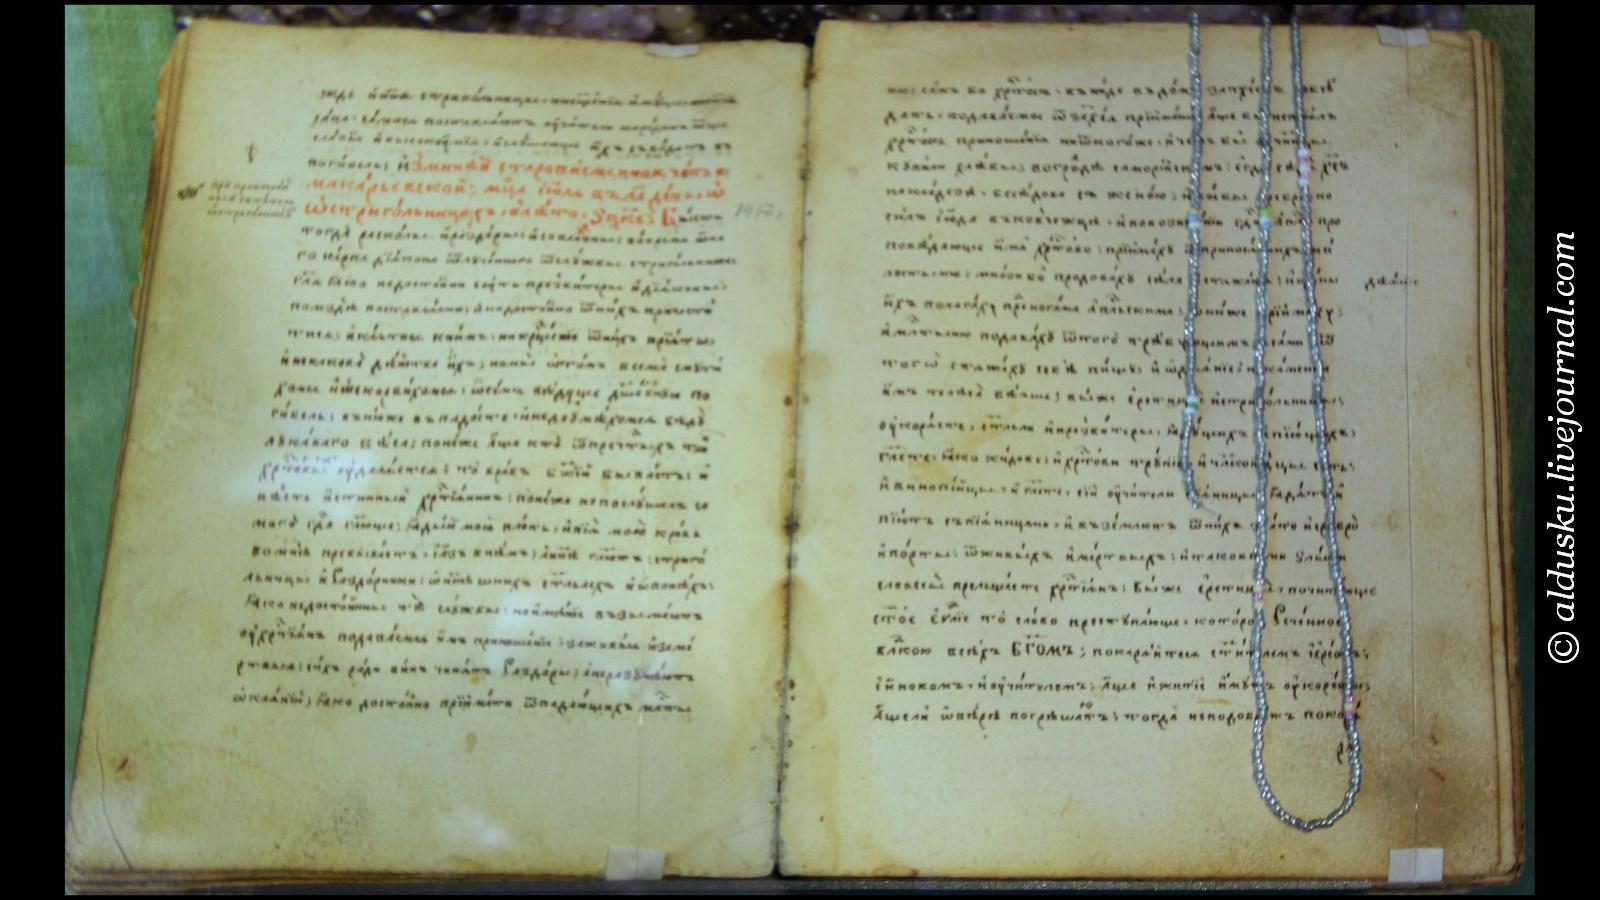 Сборник рукописный «Бисер. Клинцы. 1846-1847 гг. Автор - Михаил Слатик